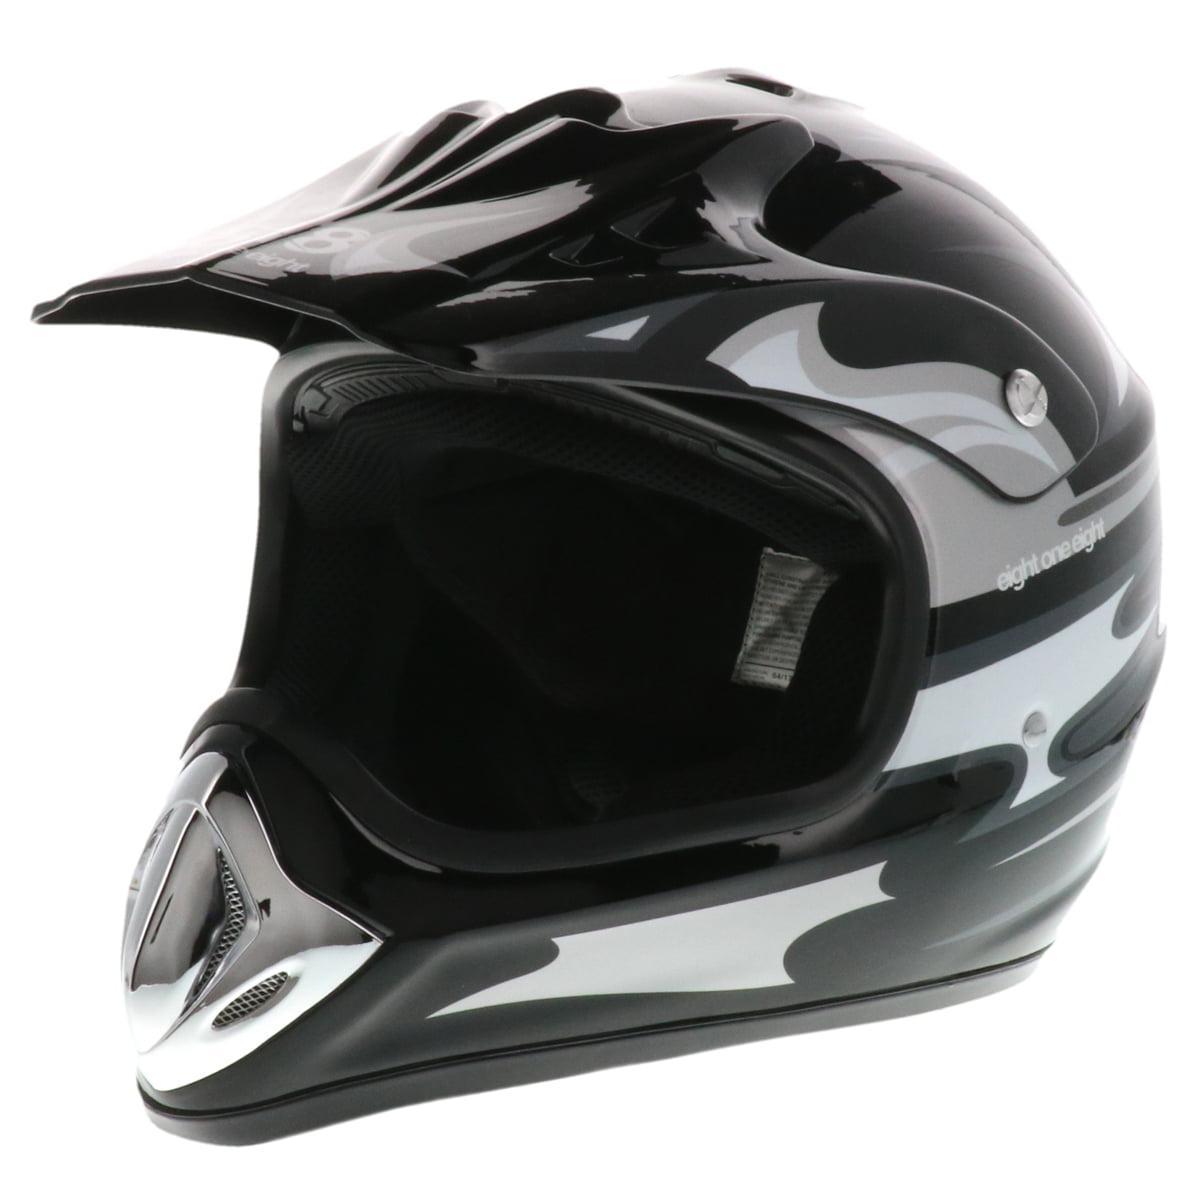 818 Adult Off-Road Helmet MX, ATV, UTV, Dirt Bike, Motocross - DOT - H-351